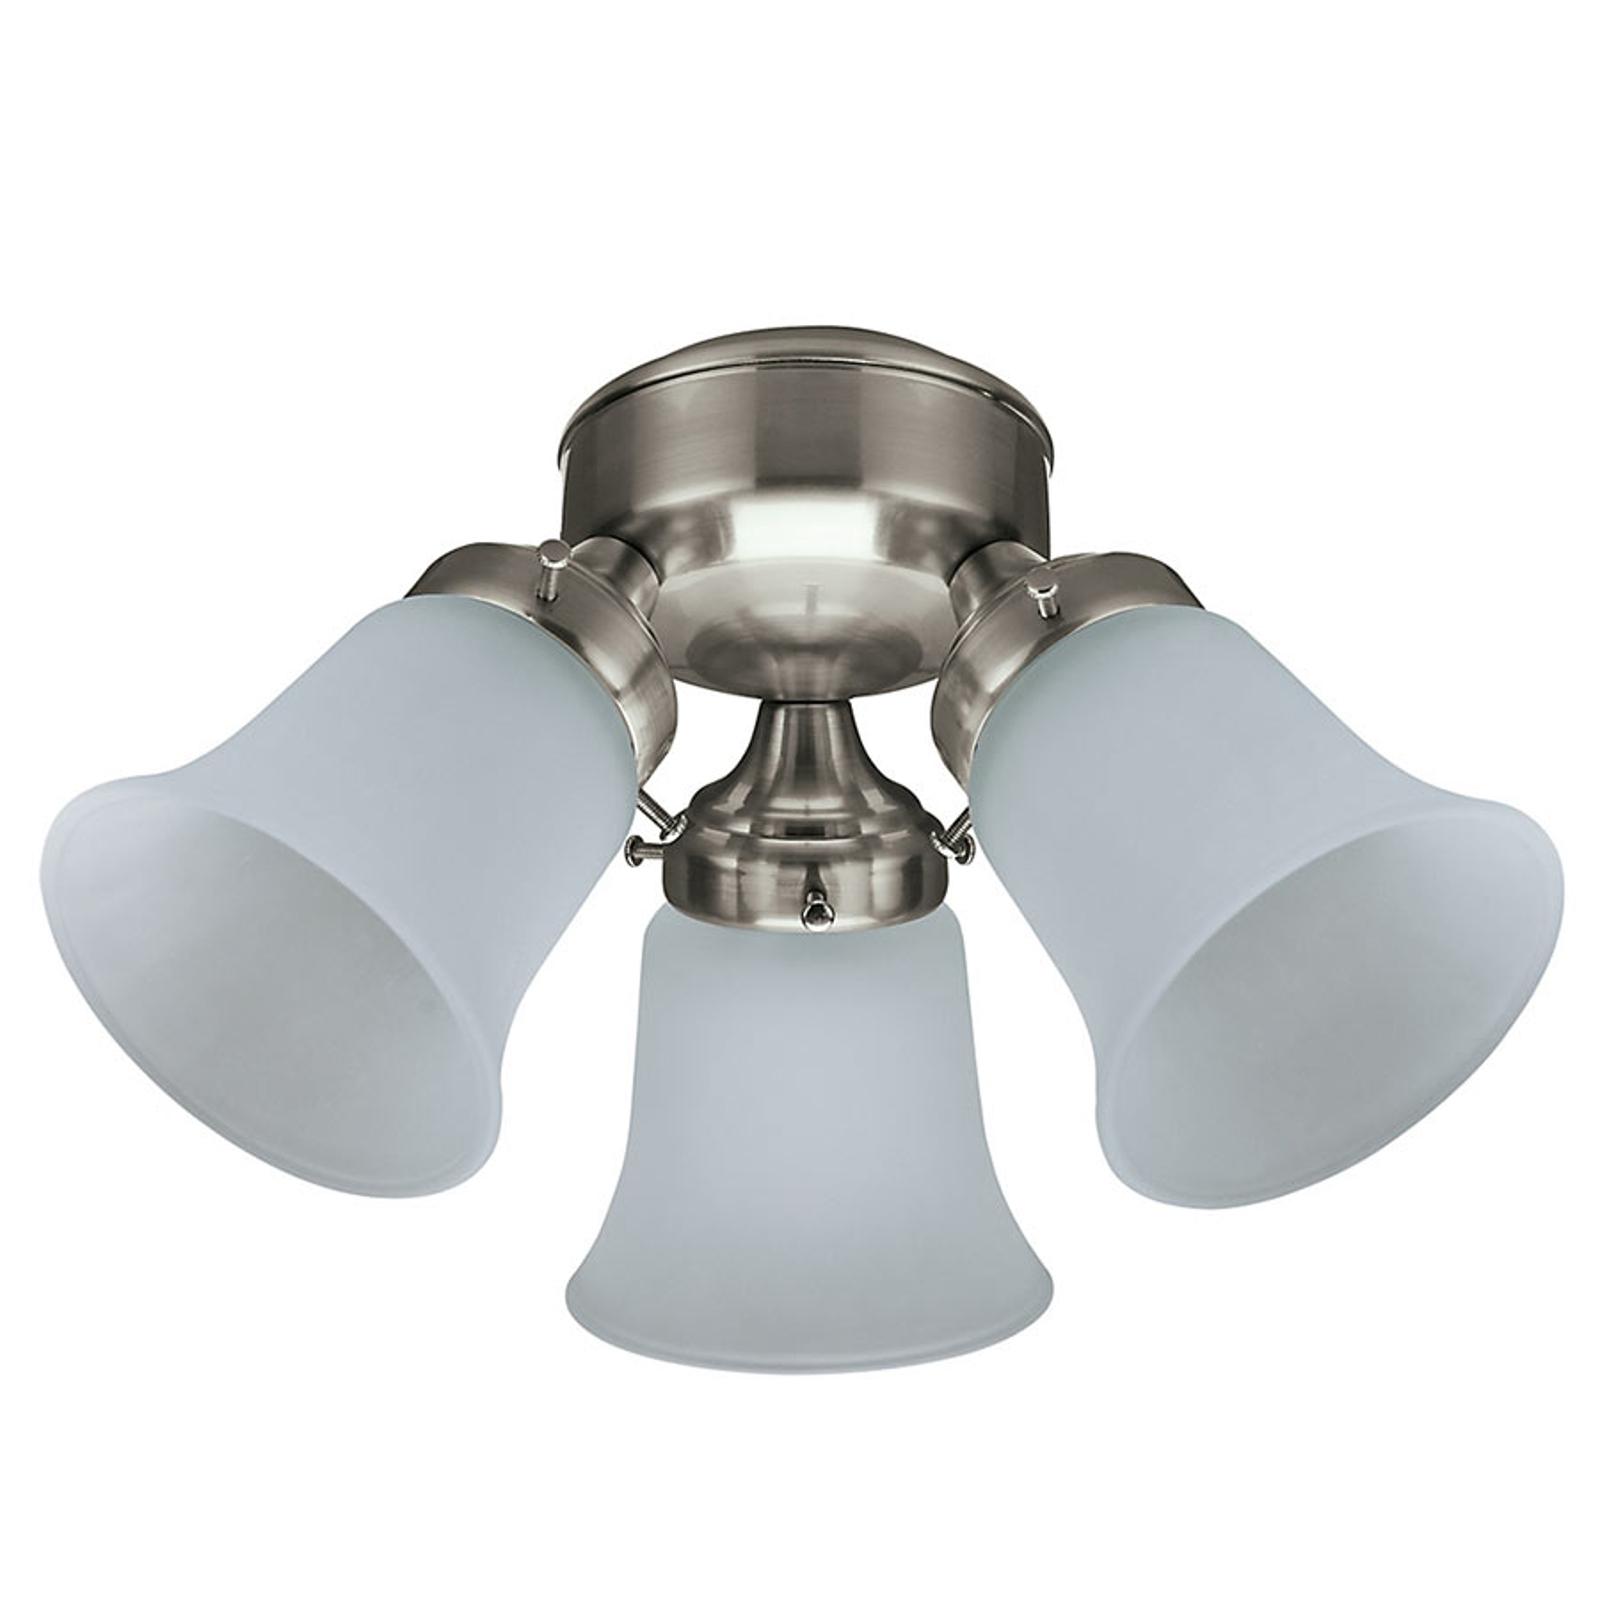 Svietidlo pre stropné ventilátory Hunter_4545034_1